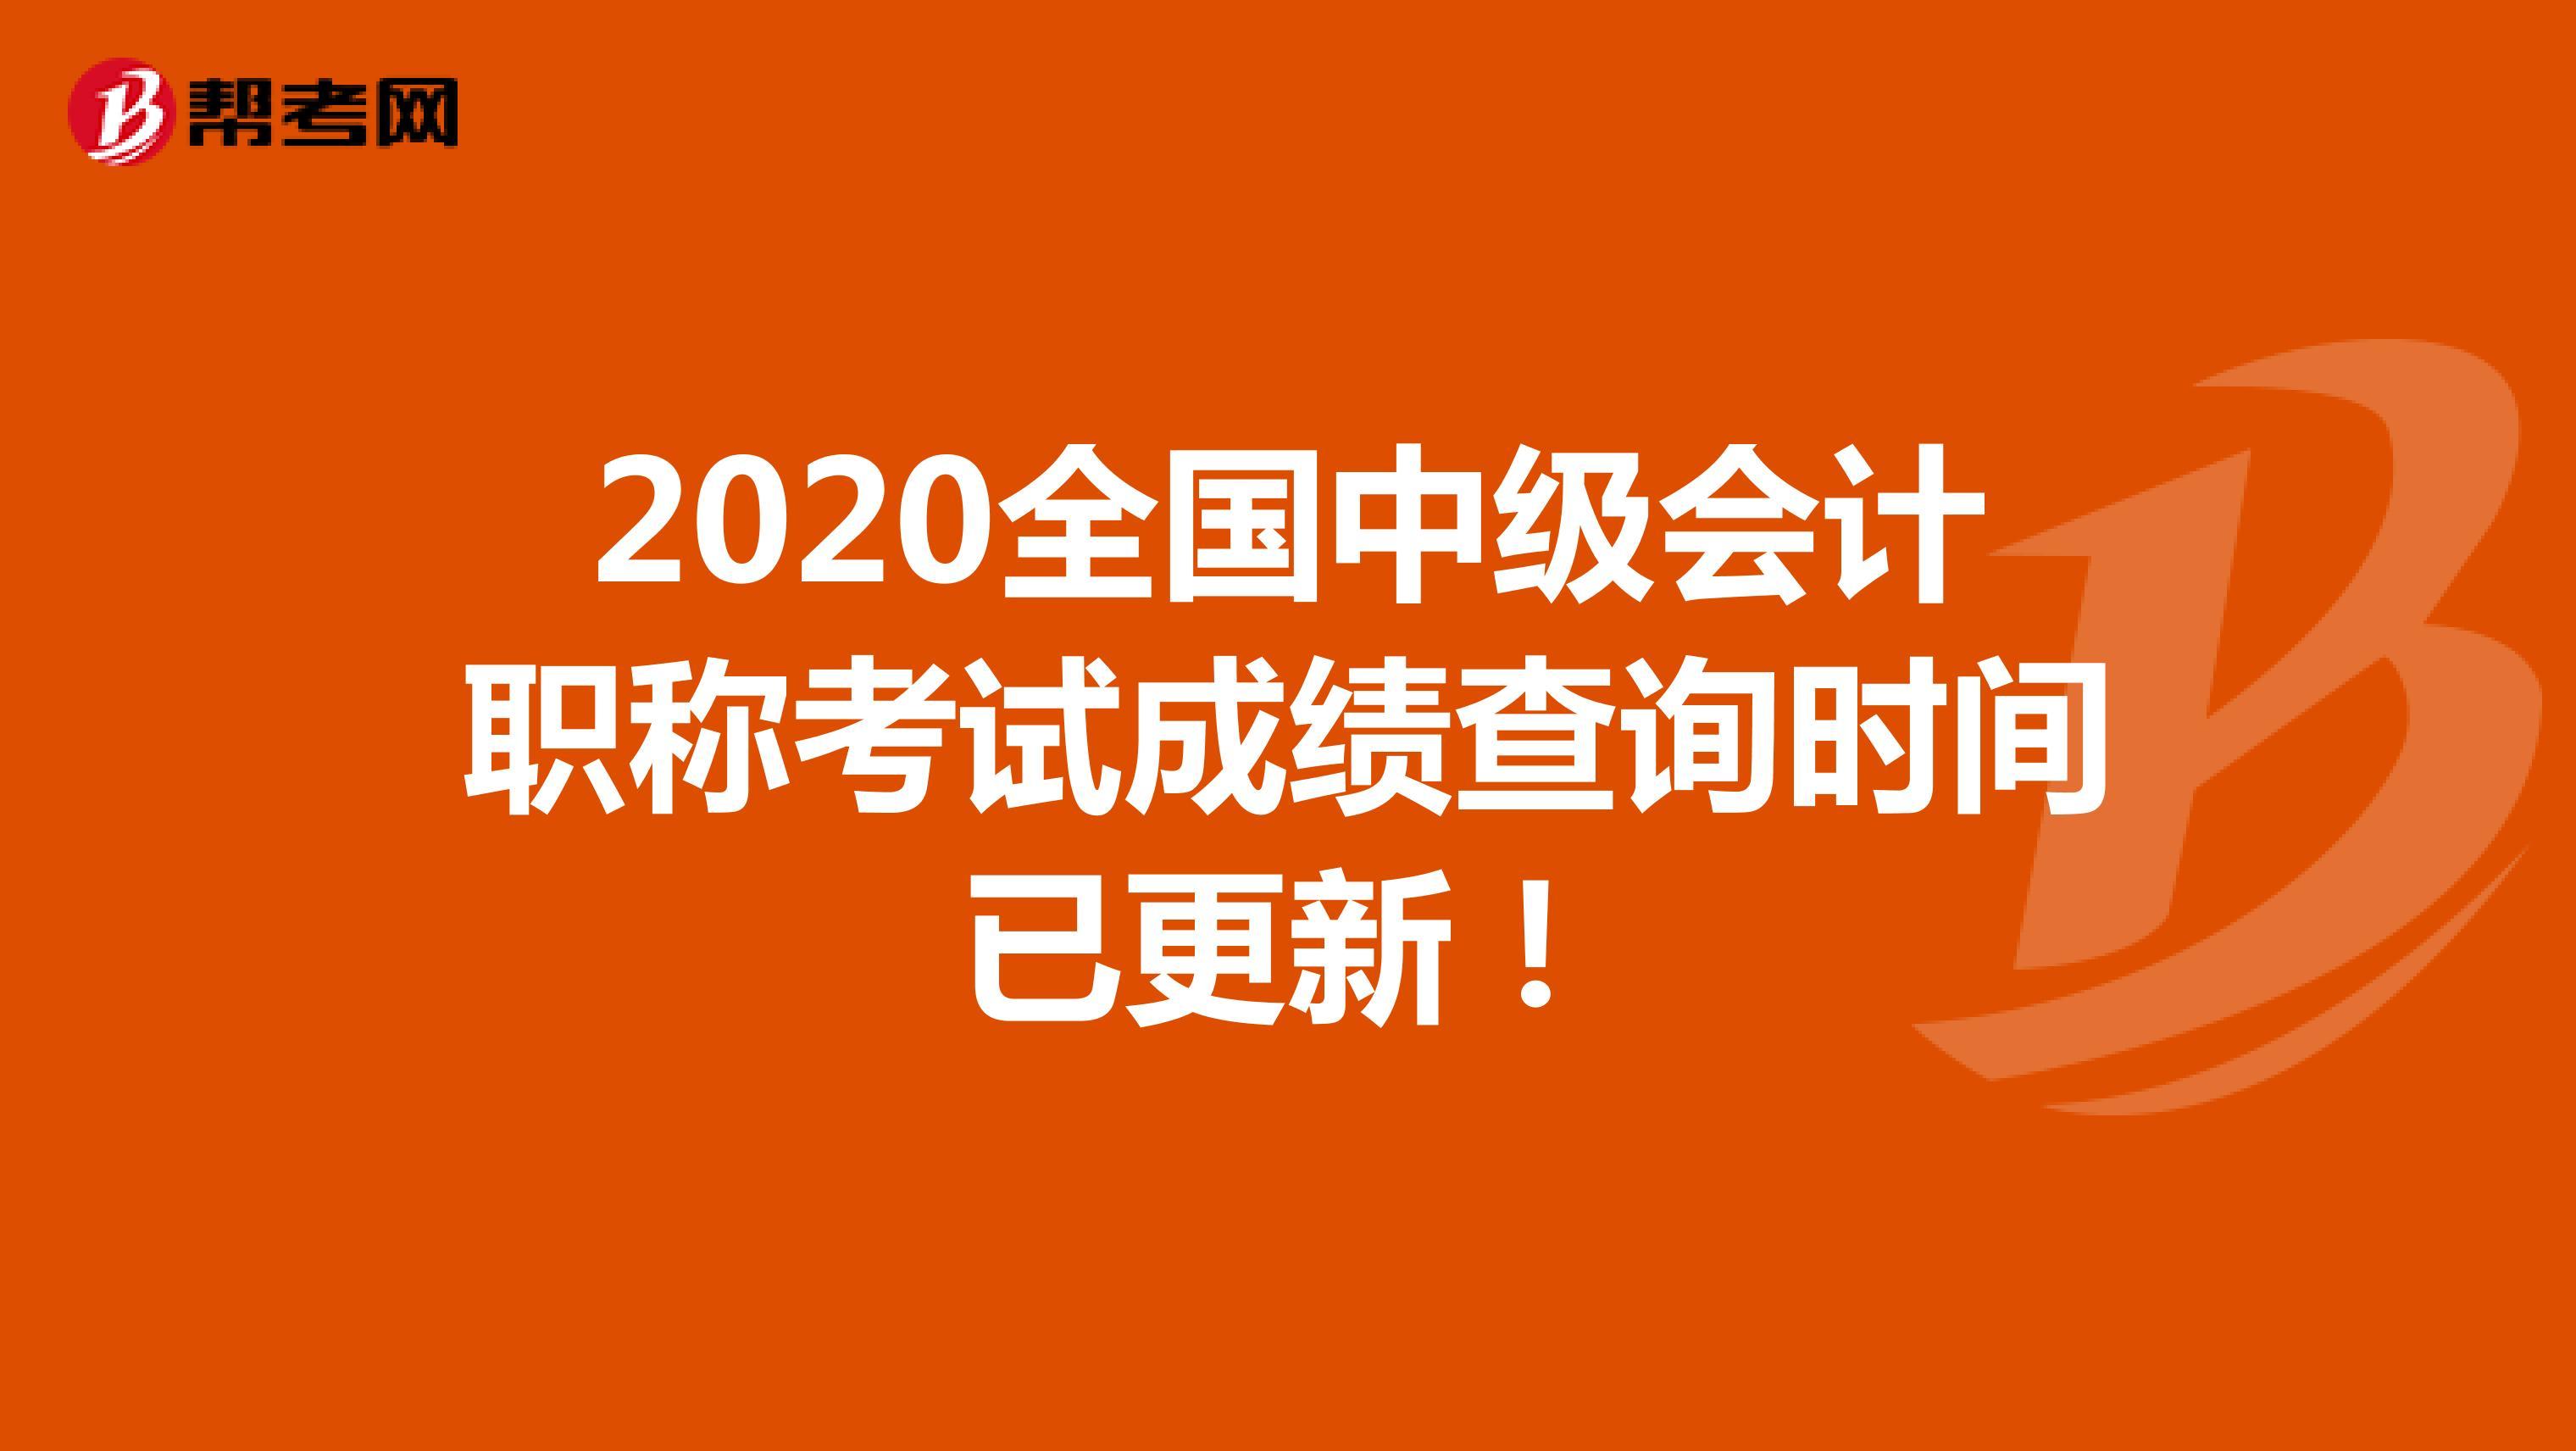 2020全国中级会计职称考试成绩查询时间已更新!